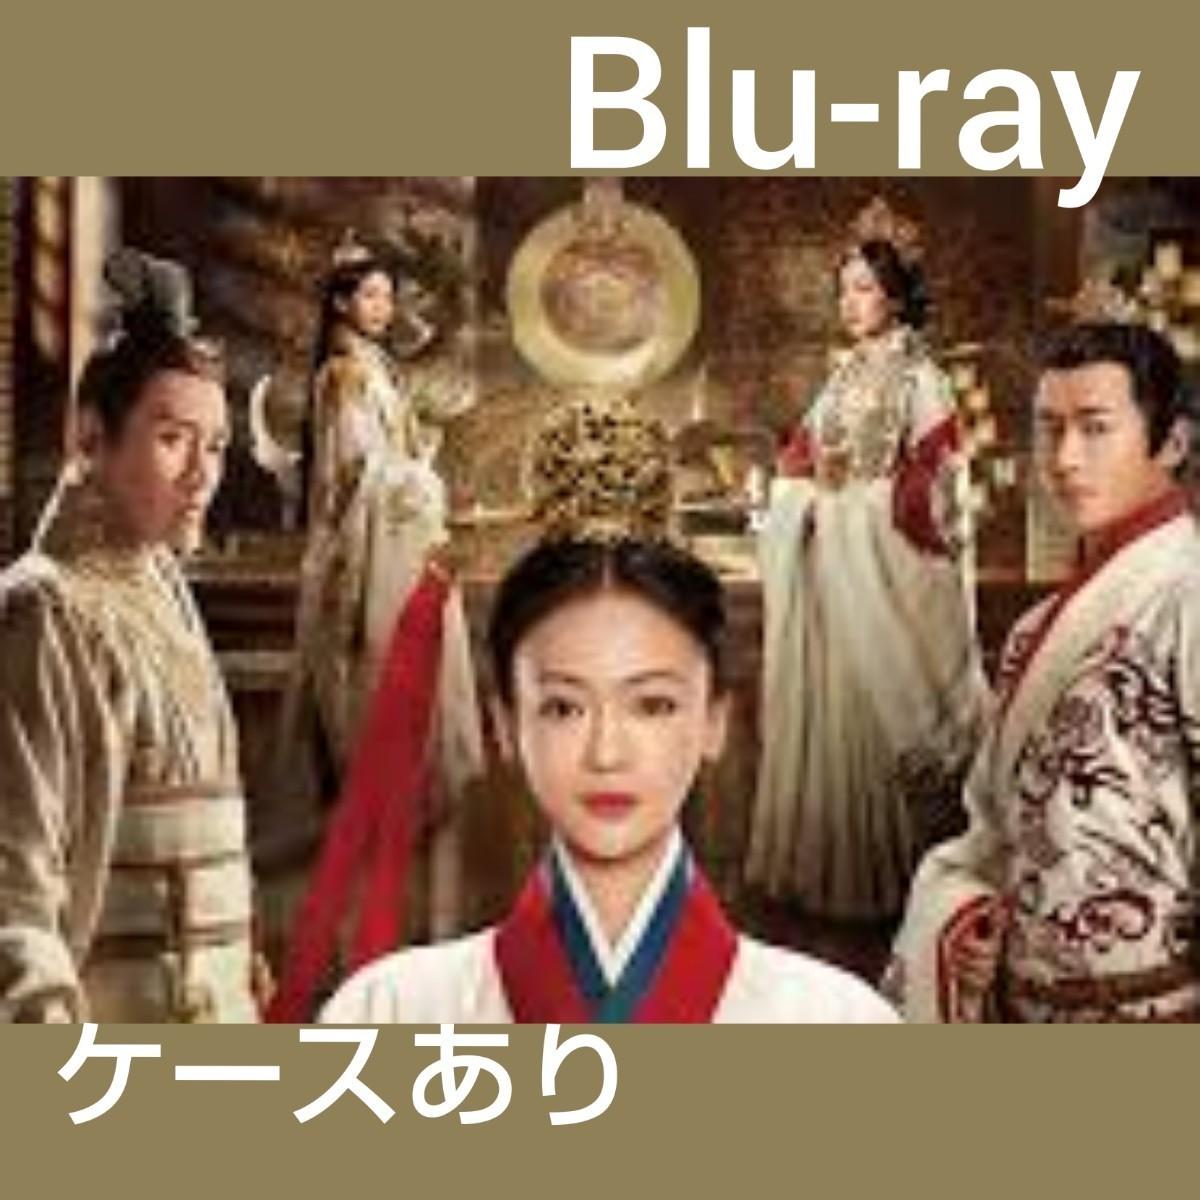 中国ドラマ コウラン伝 全話 Blu-ray